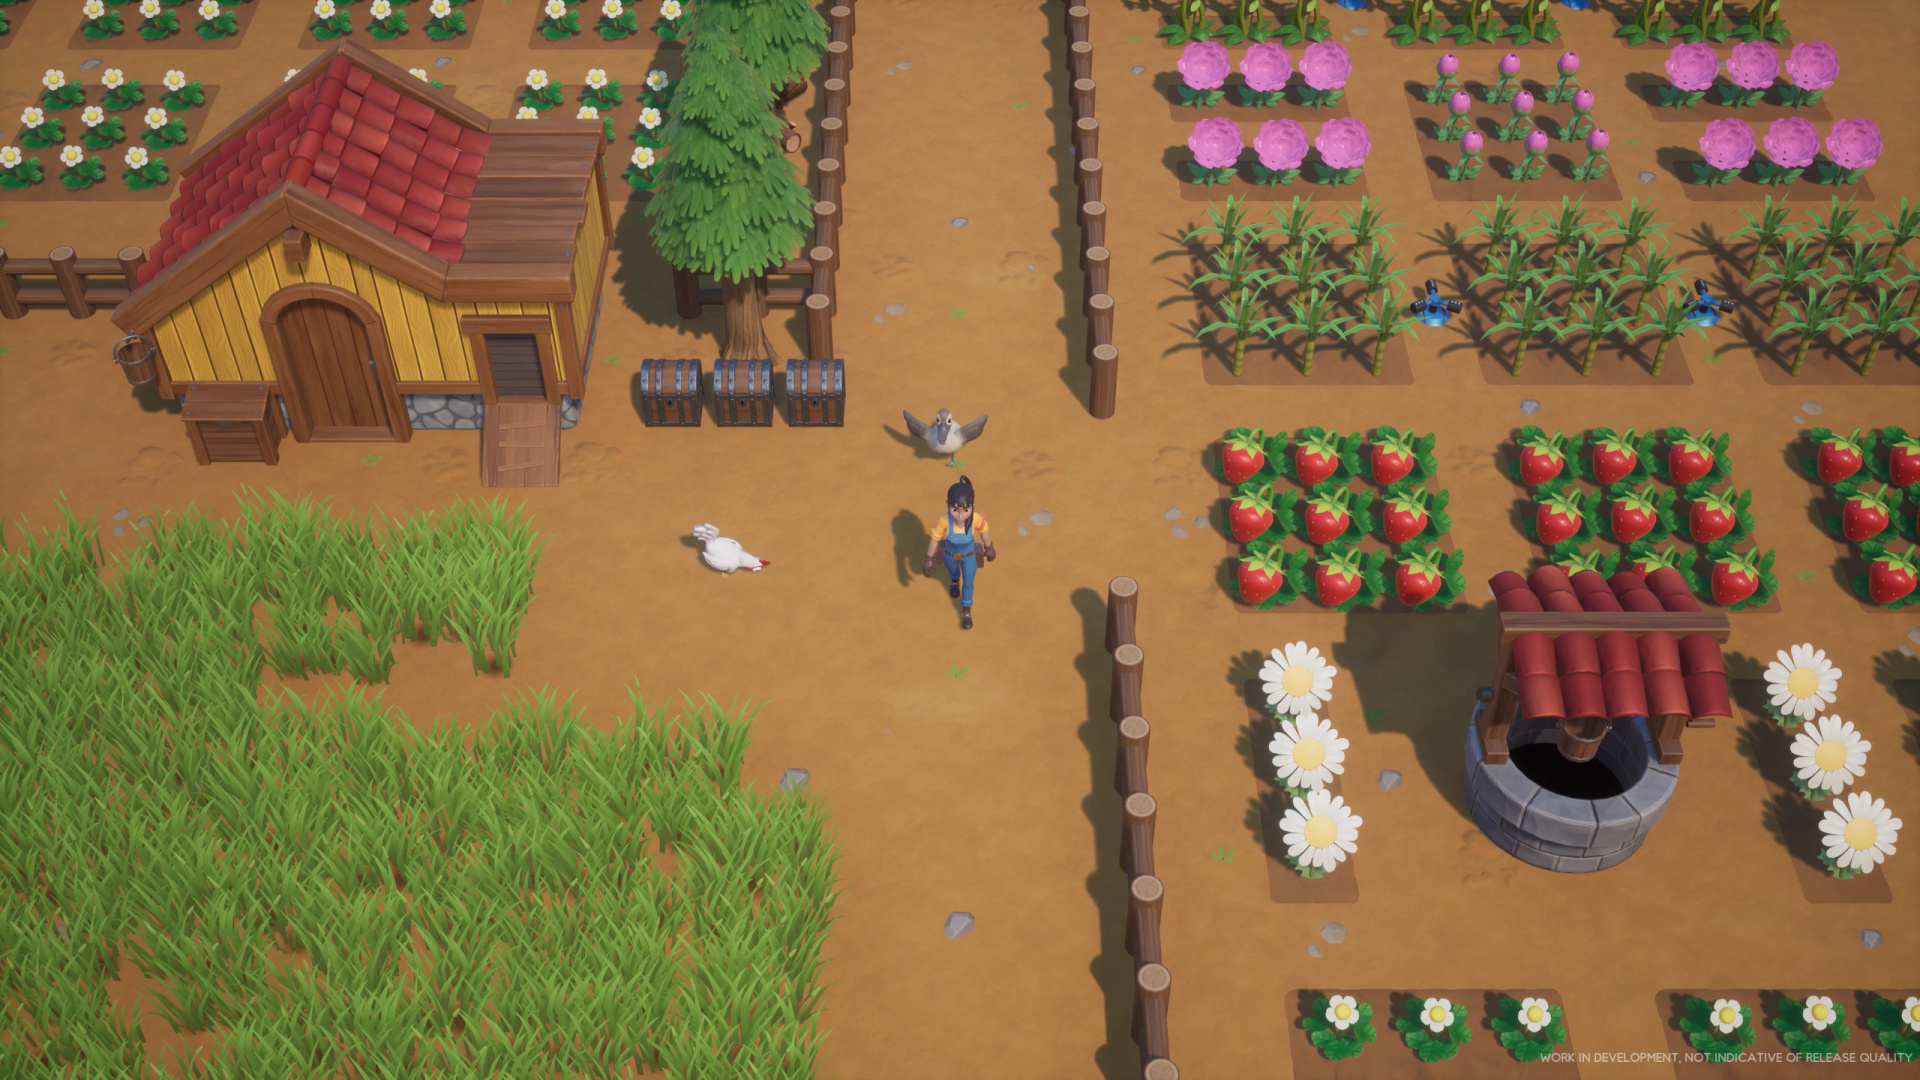 Симулятор фермы Coral Island выходит на Kickstarter в феврале